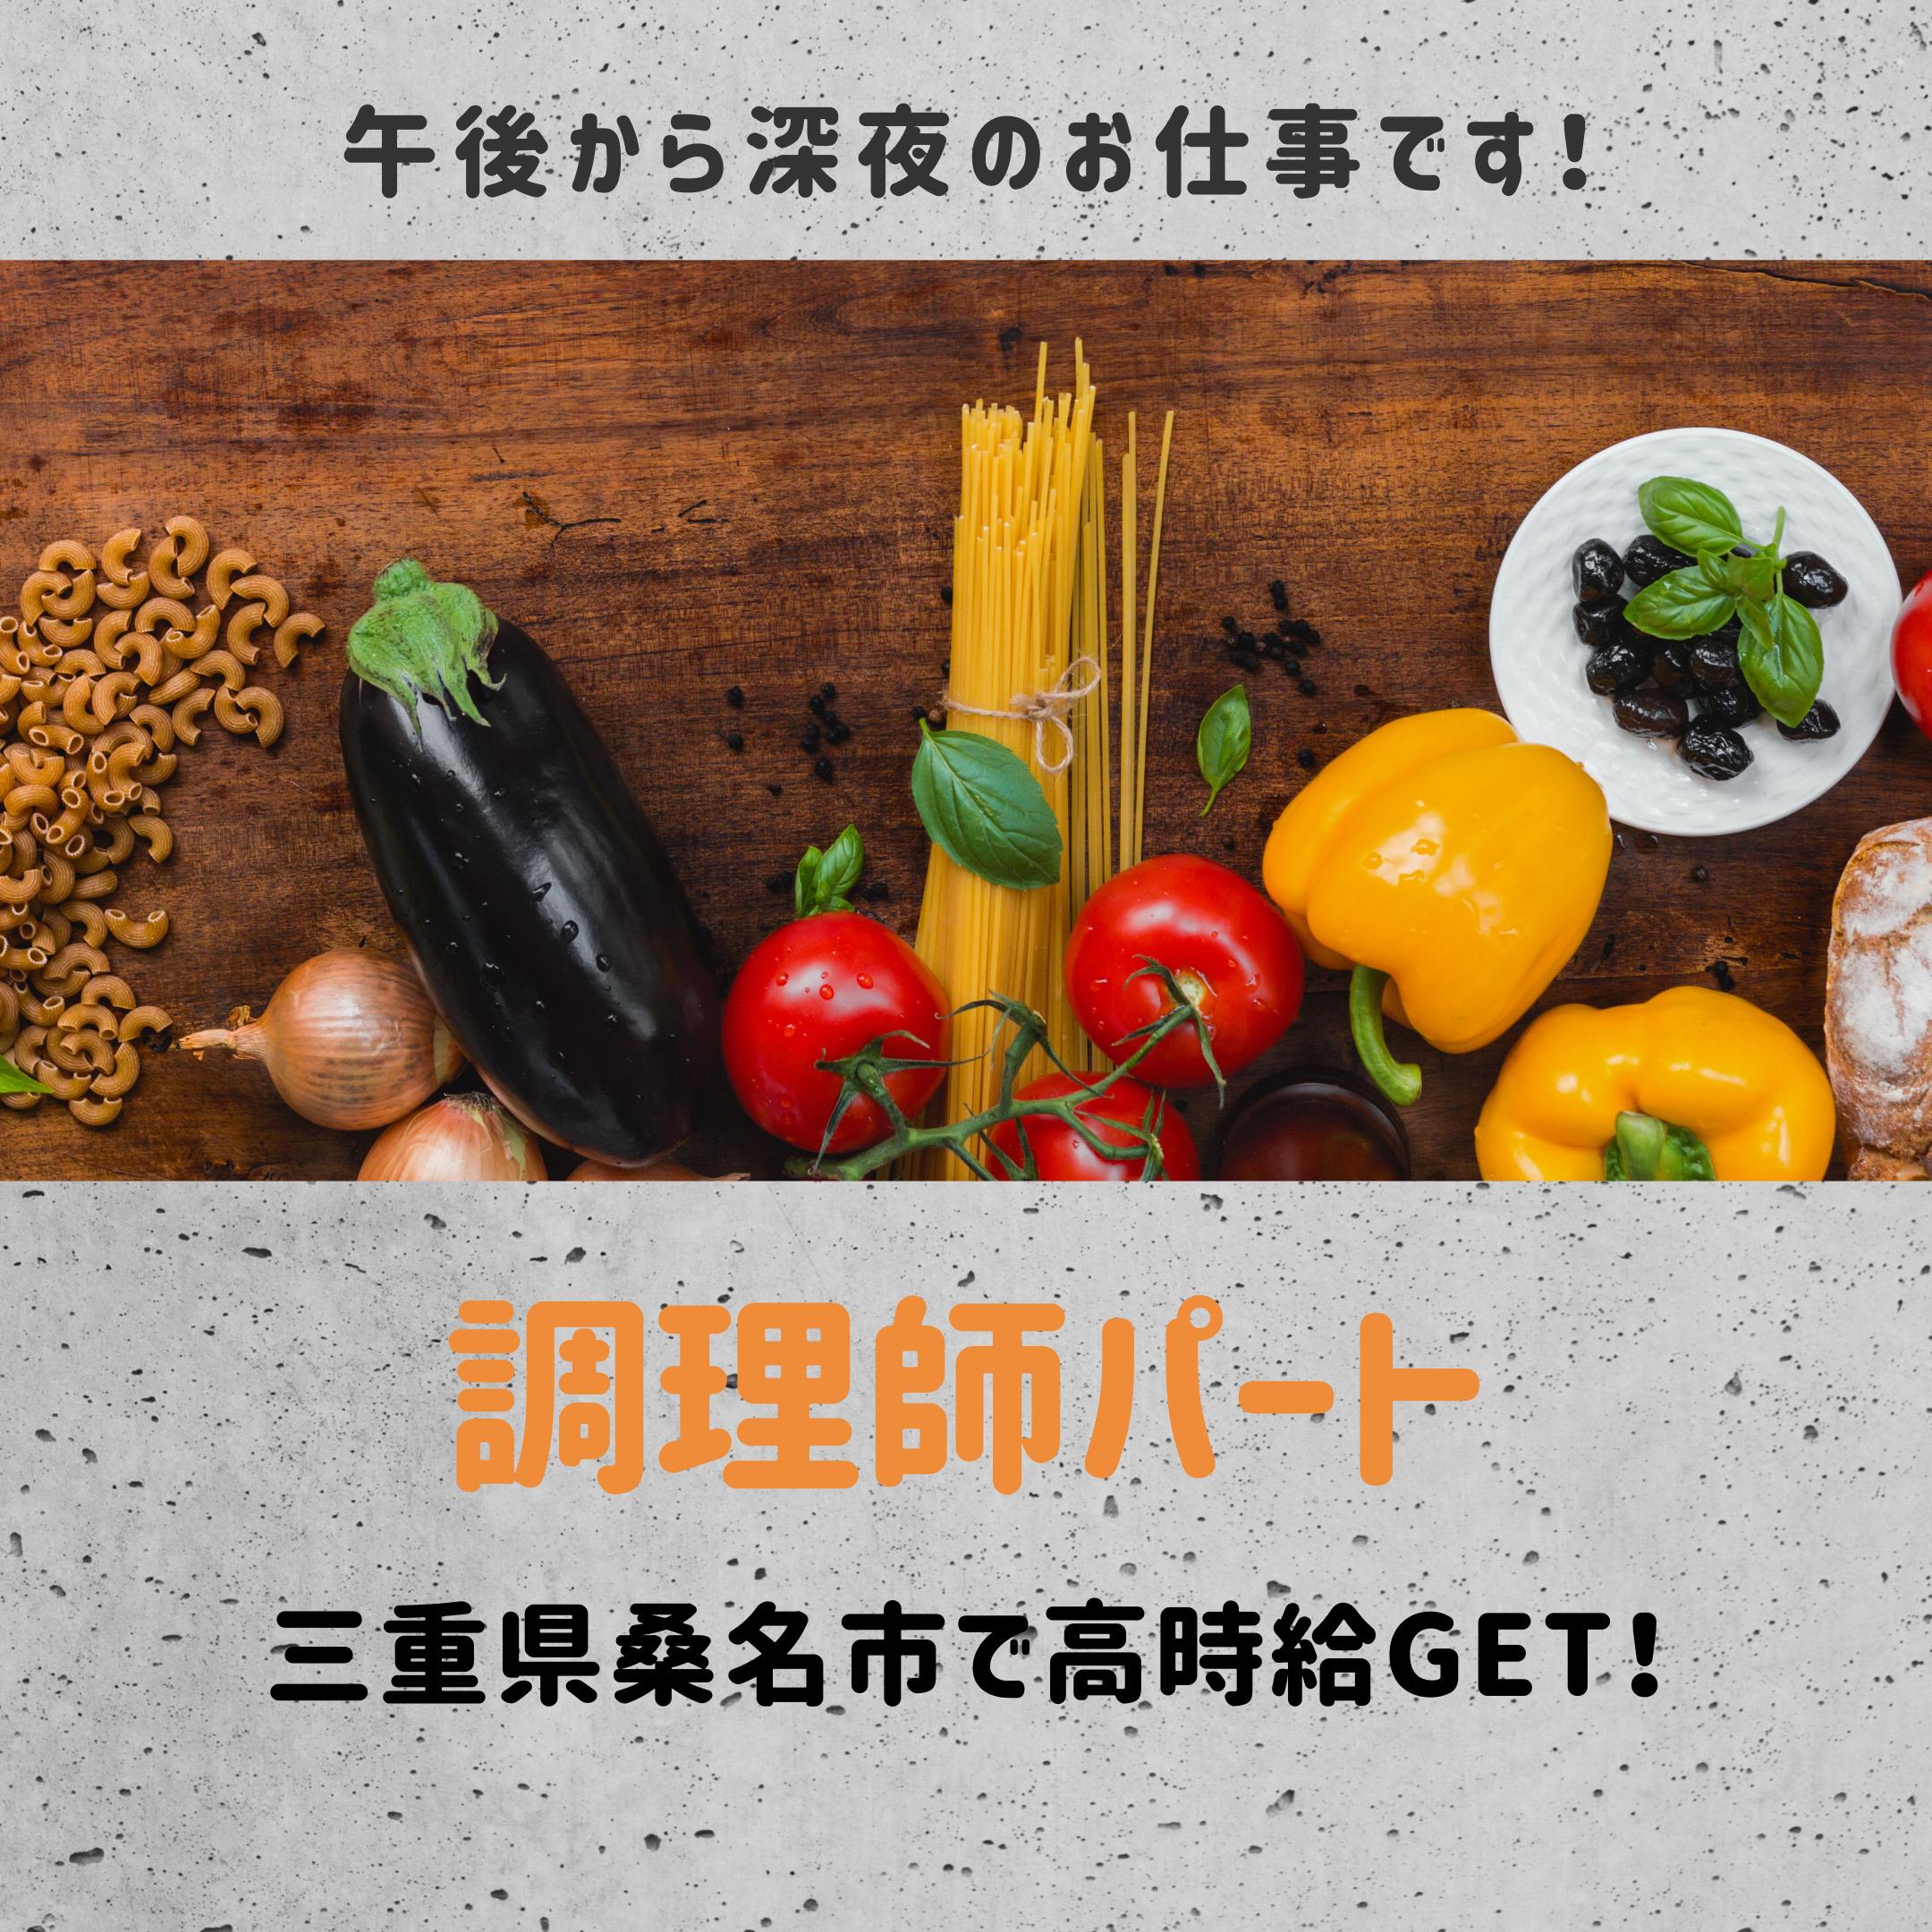 三重県桑名市で調理師募集!16:00~25:00の勤務で時給1270円!!高収入GET! イメージ